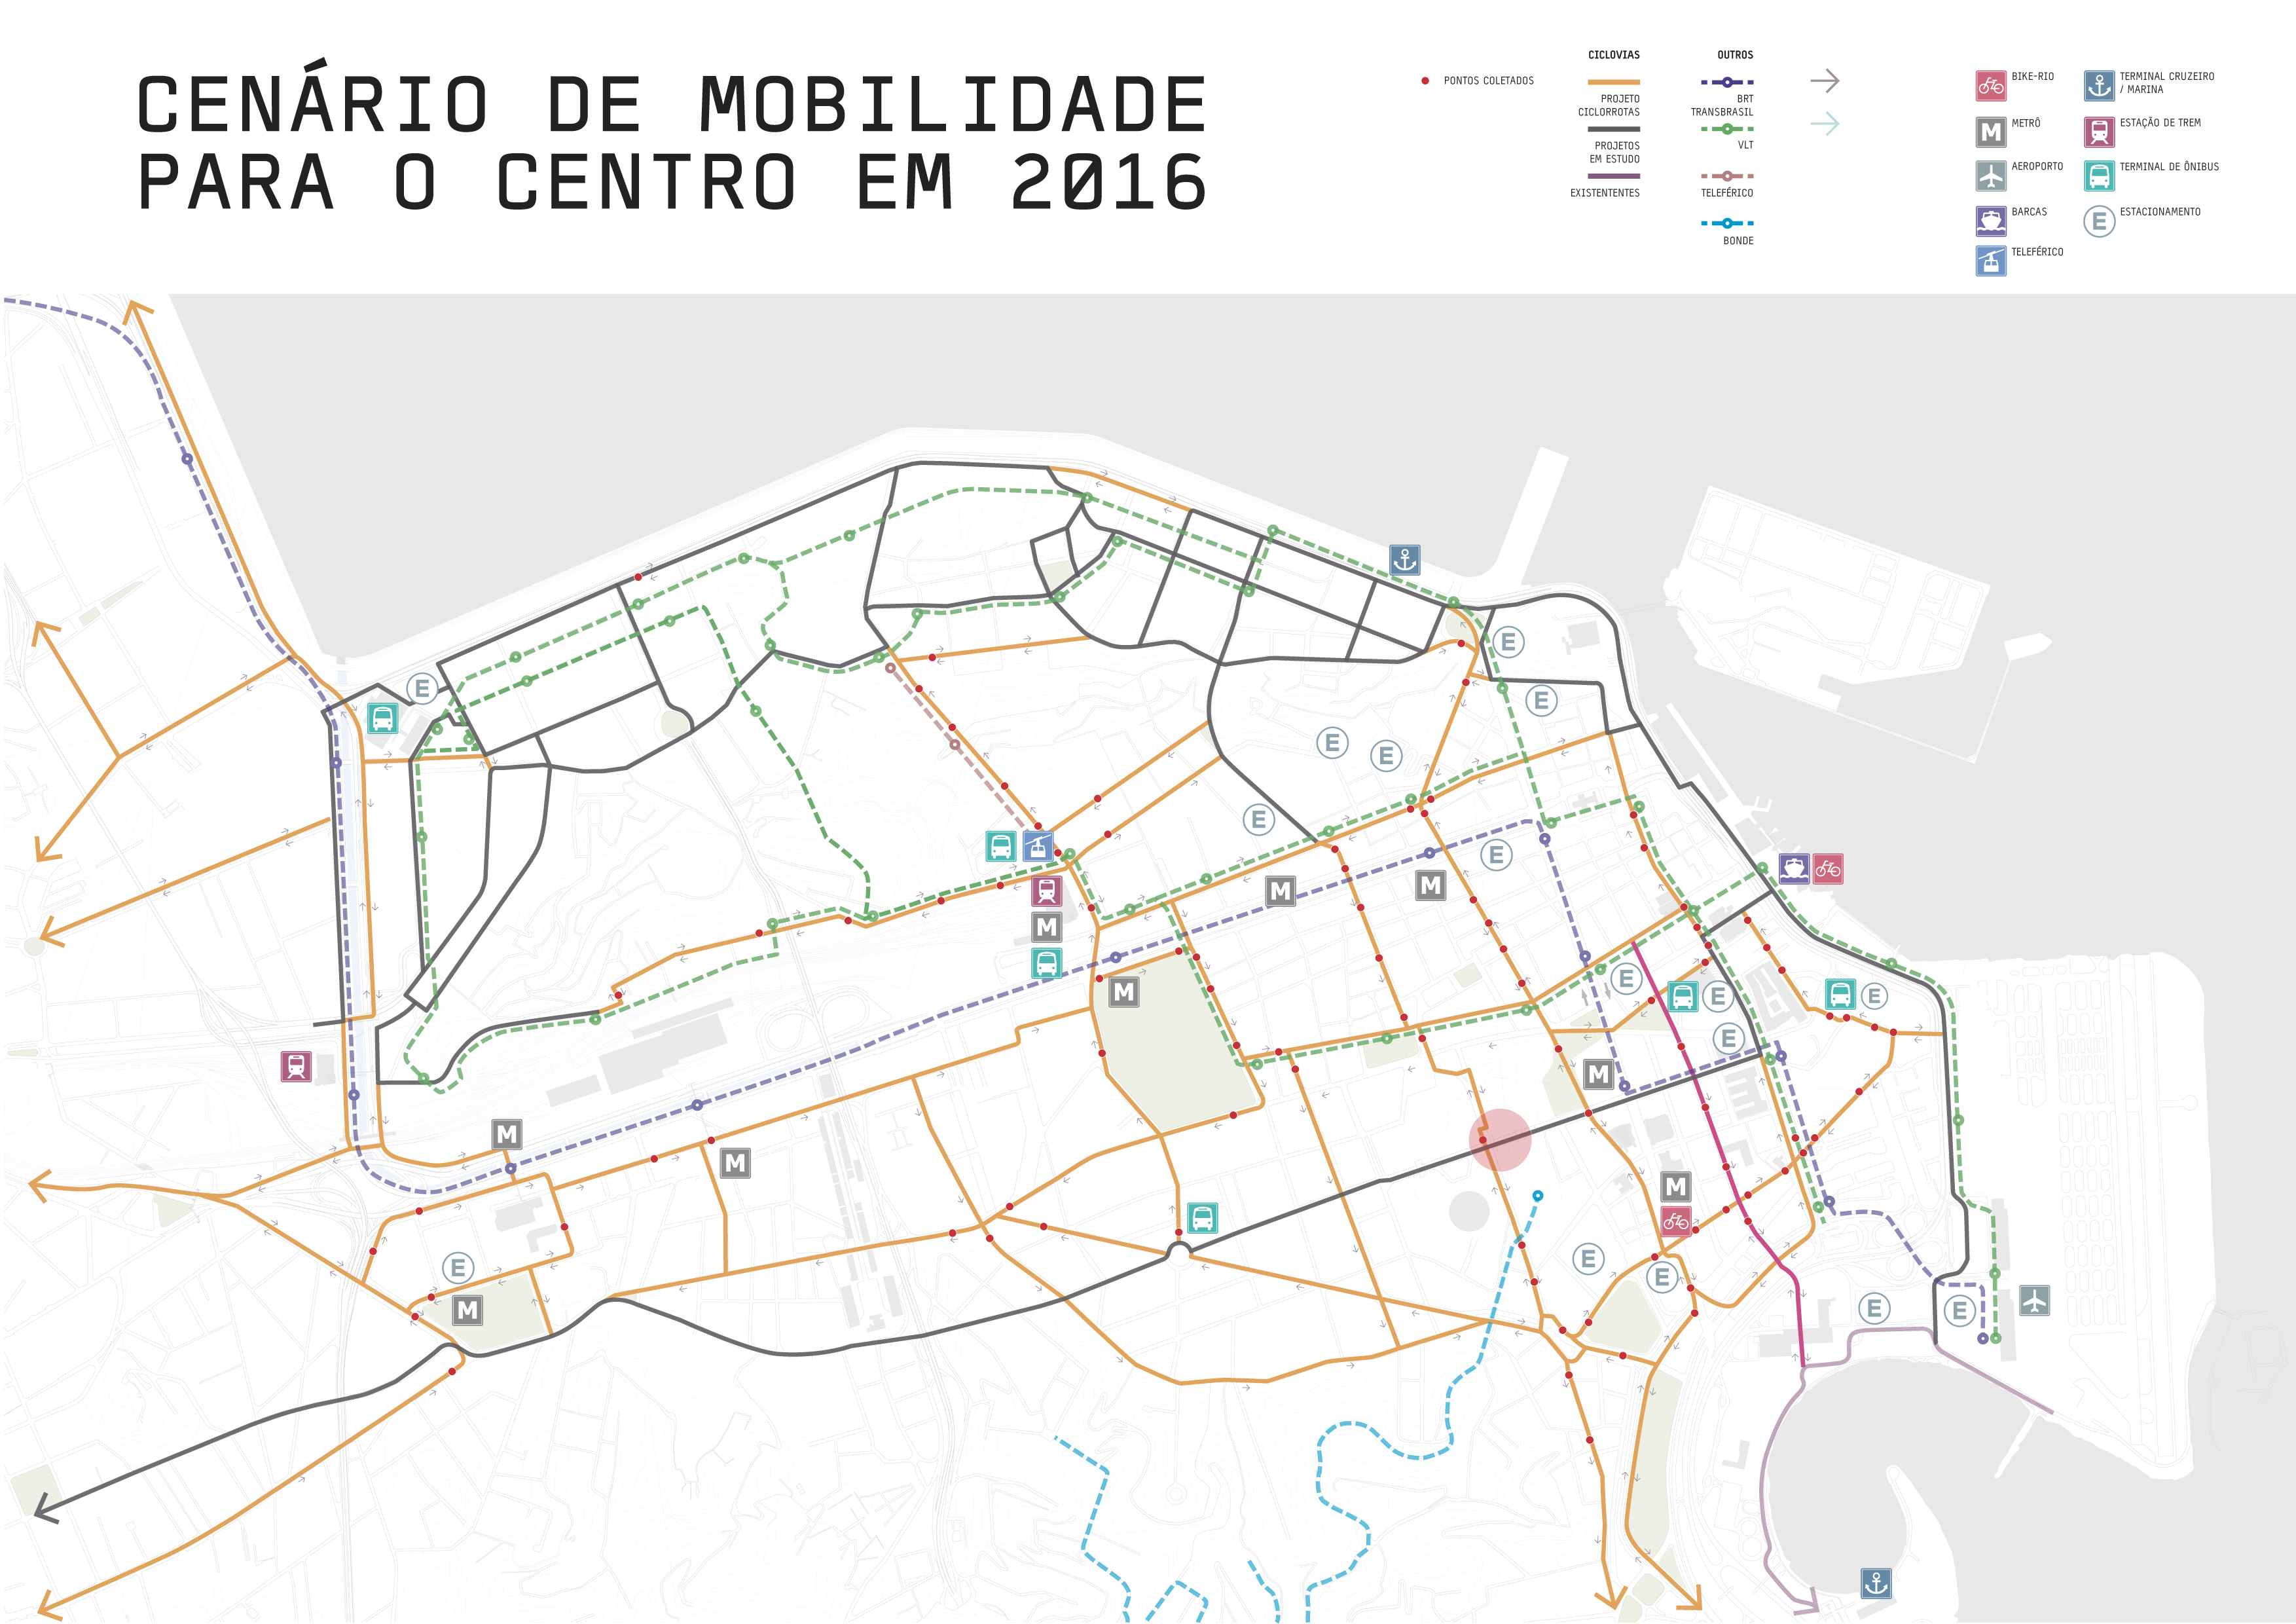 Ciclo-Rotas-Book-APRESENTACAO-36.jpg